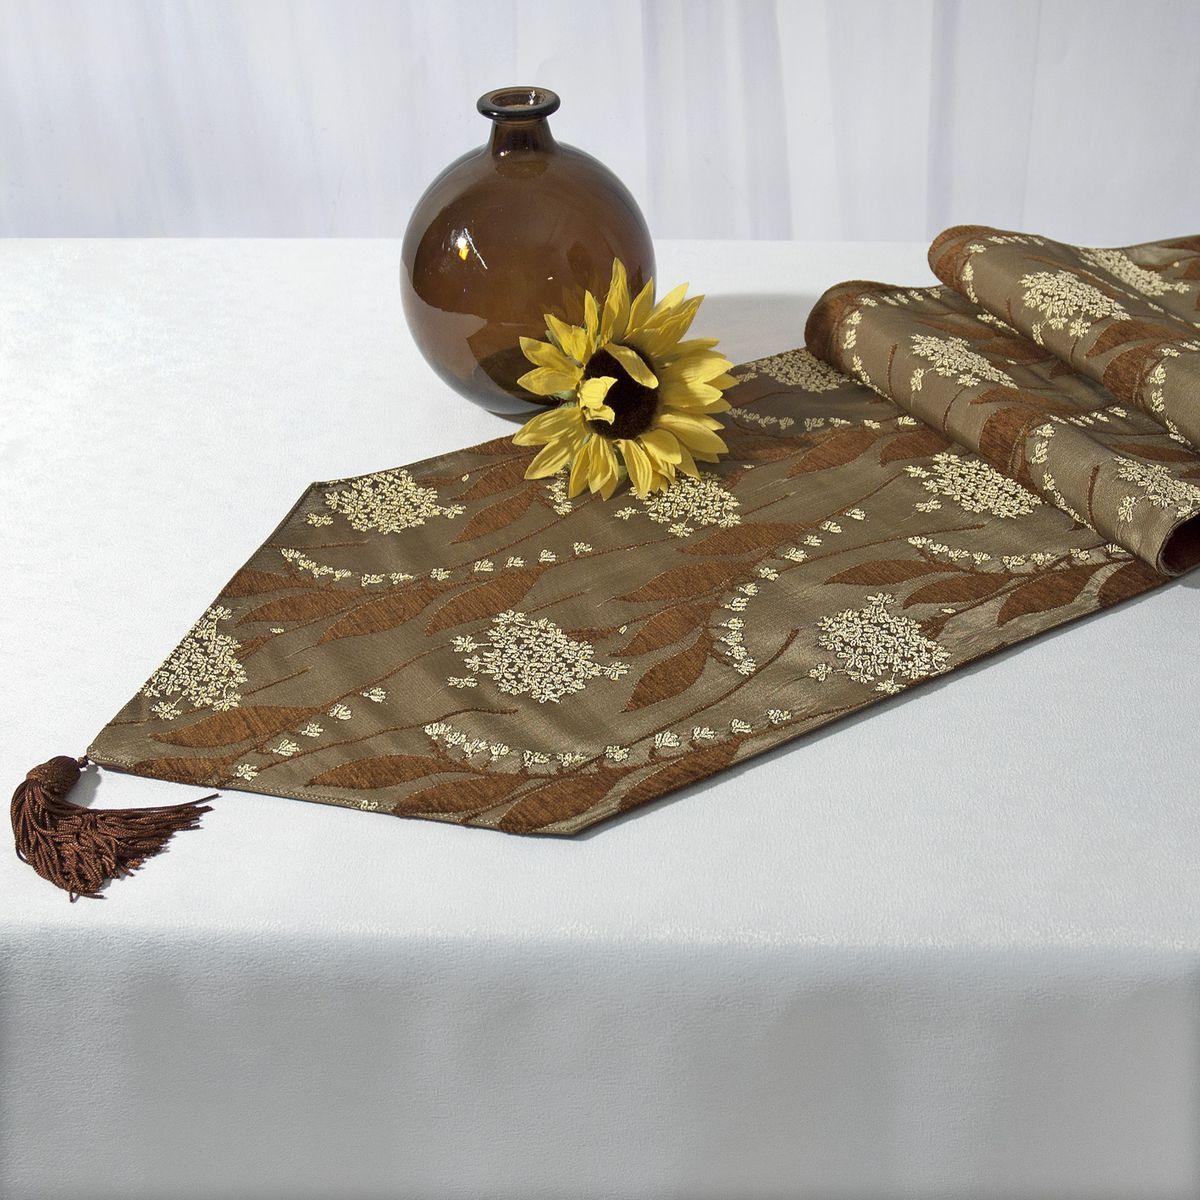 Дорожка для декорирования стола Schaefer, прямоугольная, цвет: темно-зеленый, коричневый, 30 x 170 см 06031-28706031-287Прямоугольная дорожка Schaefer, выполненная из полиэстера (30%), вискозы (35%) и полиакрила (46%), оформлена цветочным орнаментом и украшена элегантными кистями на концах. Вы можете использовать дорожку для декорирования стола, комода или журнального столика. Это изделие будет украшением вашей квартиры или загородного дома!Благодаря такой дорожке вы защитите поверхность мебели от воды, пятен и механических воздействий, а также создадите атмосферу уюта и домашнего тепла в интерьере вашей квартиры. Изделия из искусственных волокон легко стирать: они не мнутся, не садятся и быстро сохнут, они более долговечны, чем изделия из натуральных волокон.